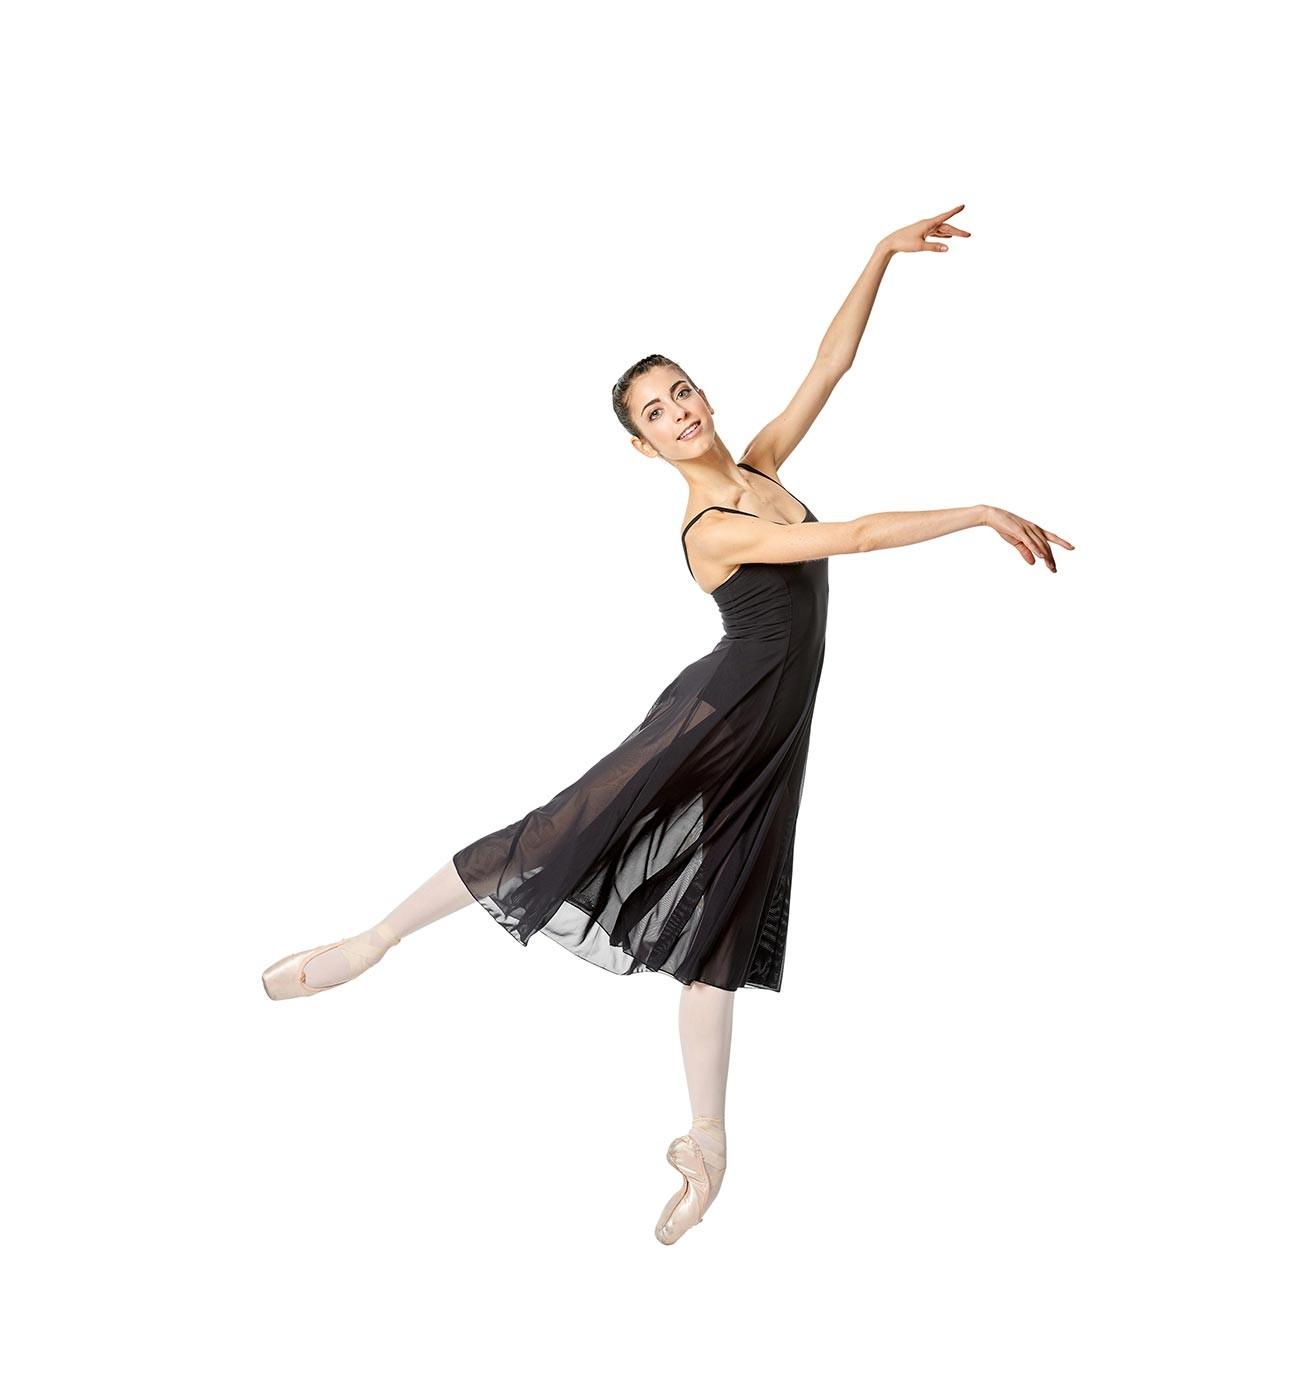 שחור שמלת בלט Claire של Lulli עם רשת ארוכה במיוחד LUB256